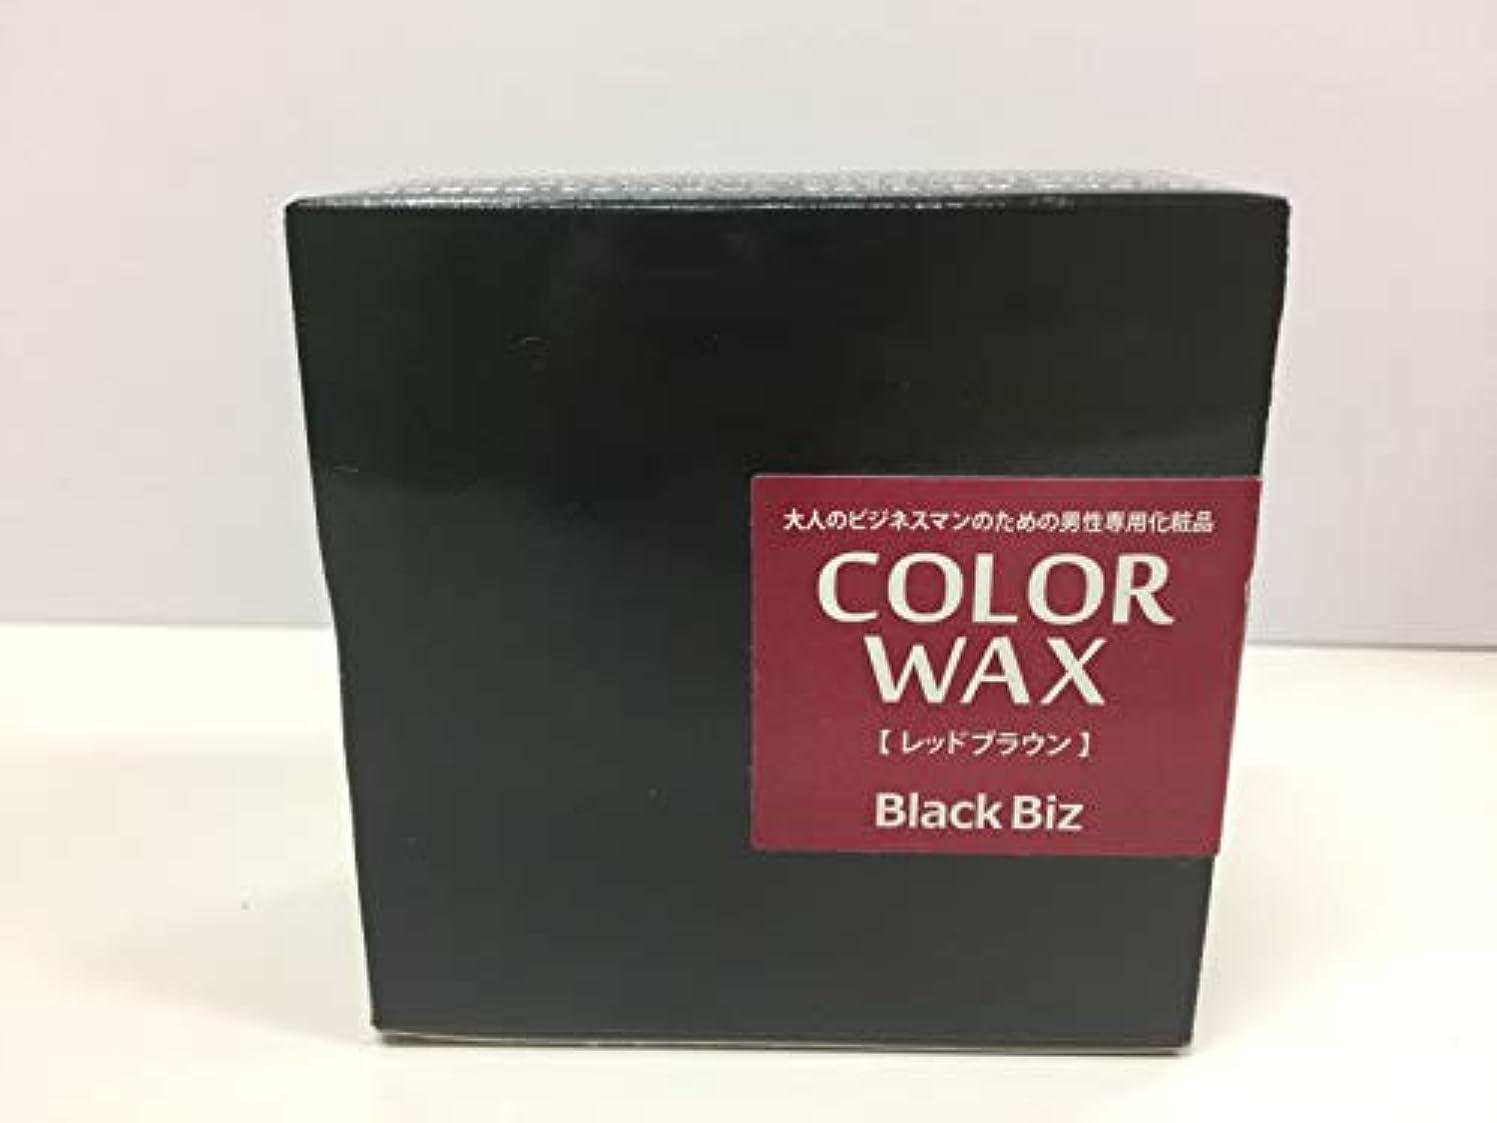 適切にフラッシュのように素早くマウス大人のビジネスマンのための男性専用化粧品 BlackBiz COLOR WAX ブラックビズ カラーワックス 【レッドブラウン】